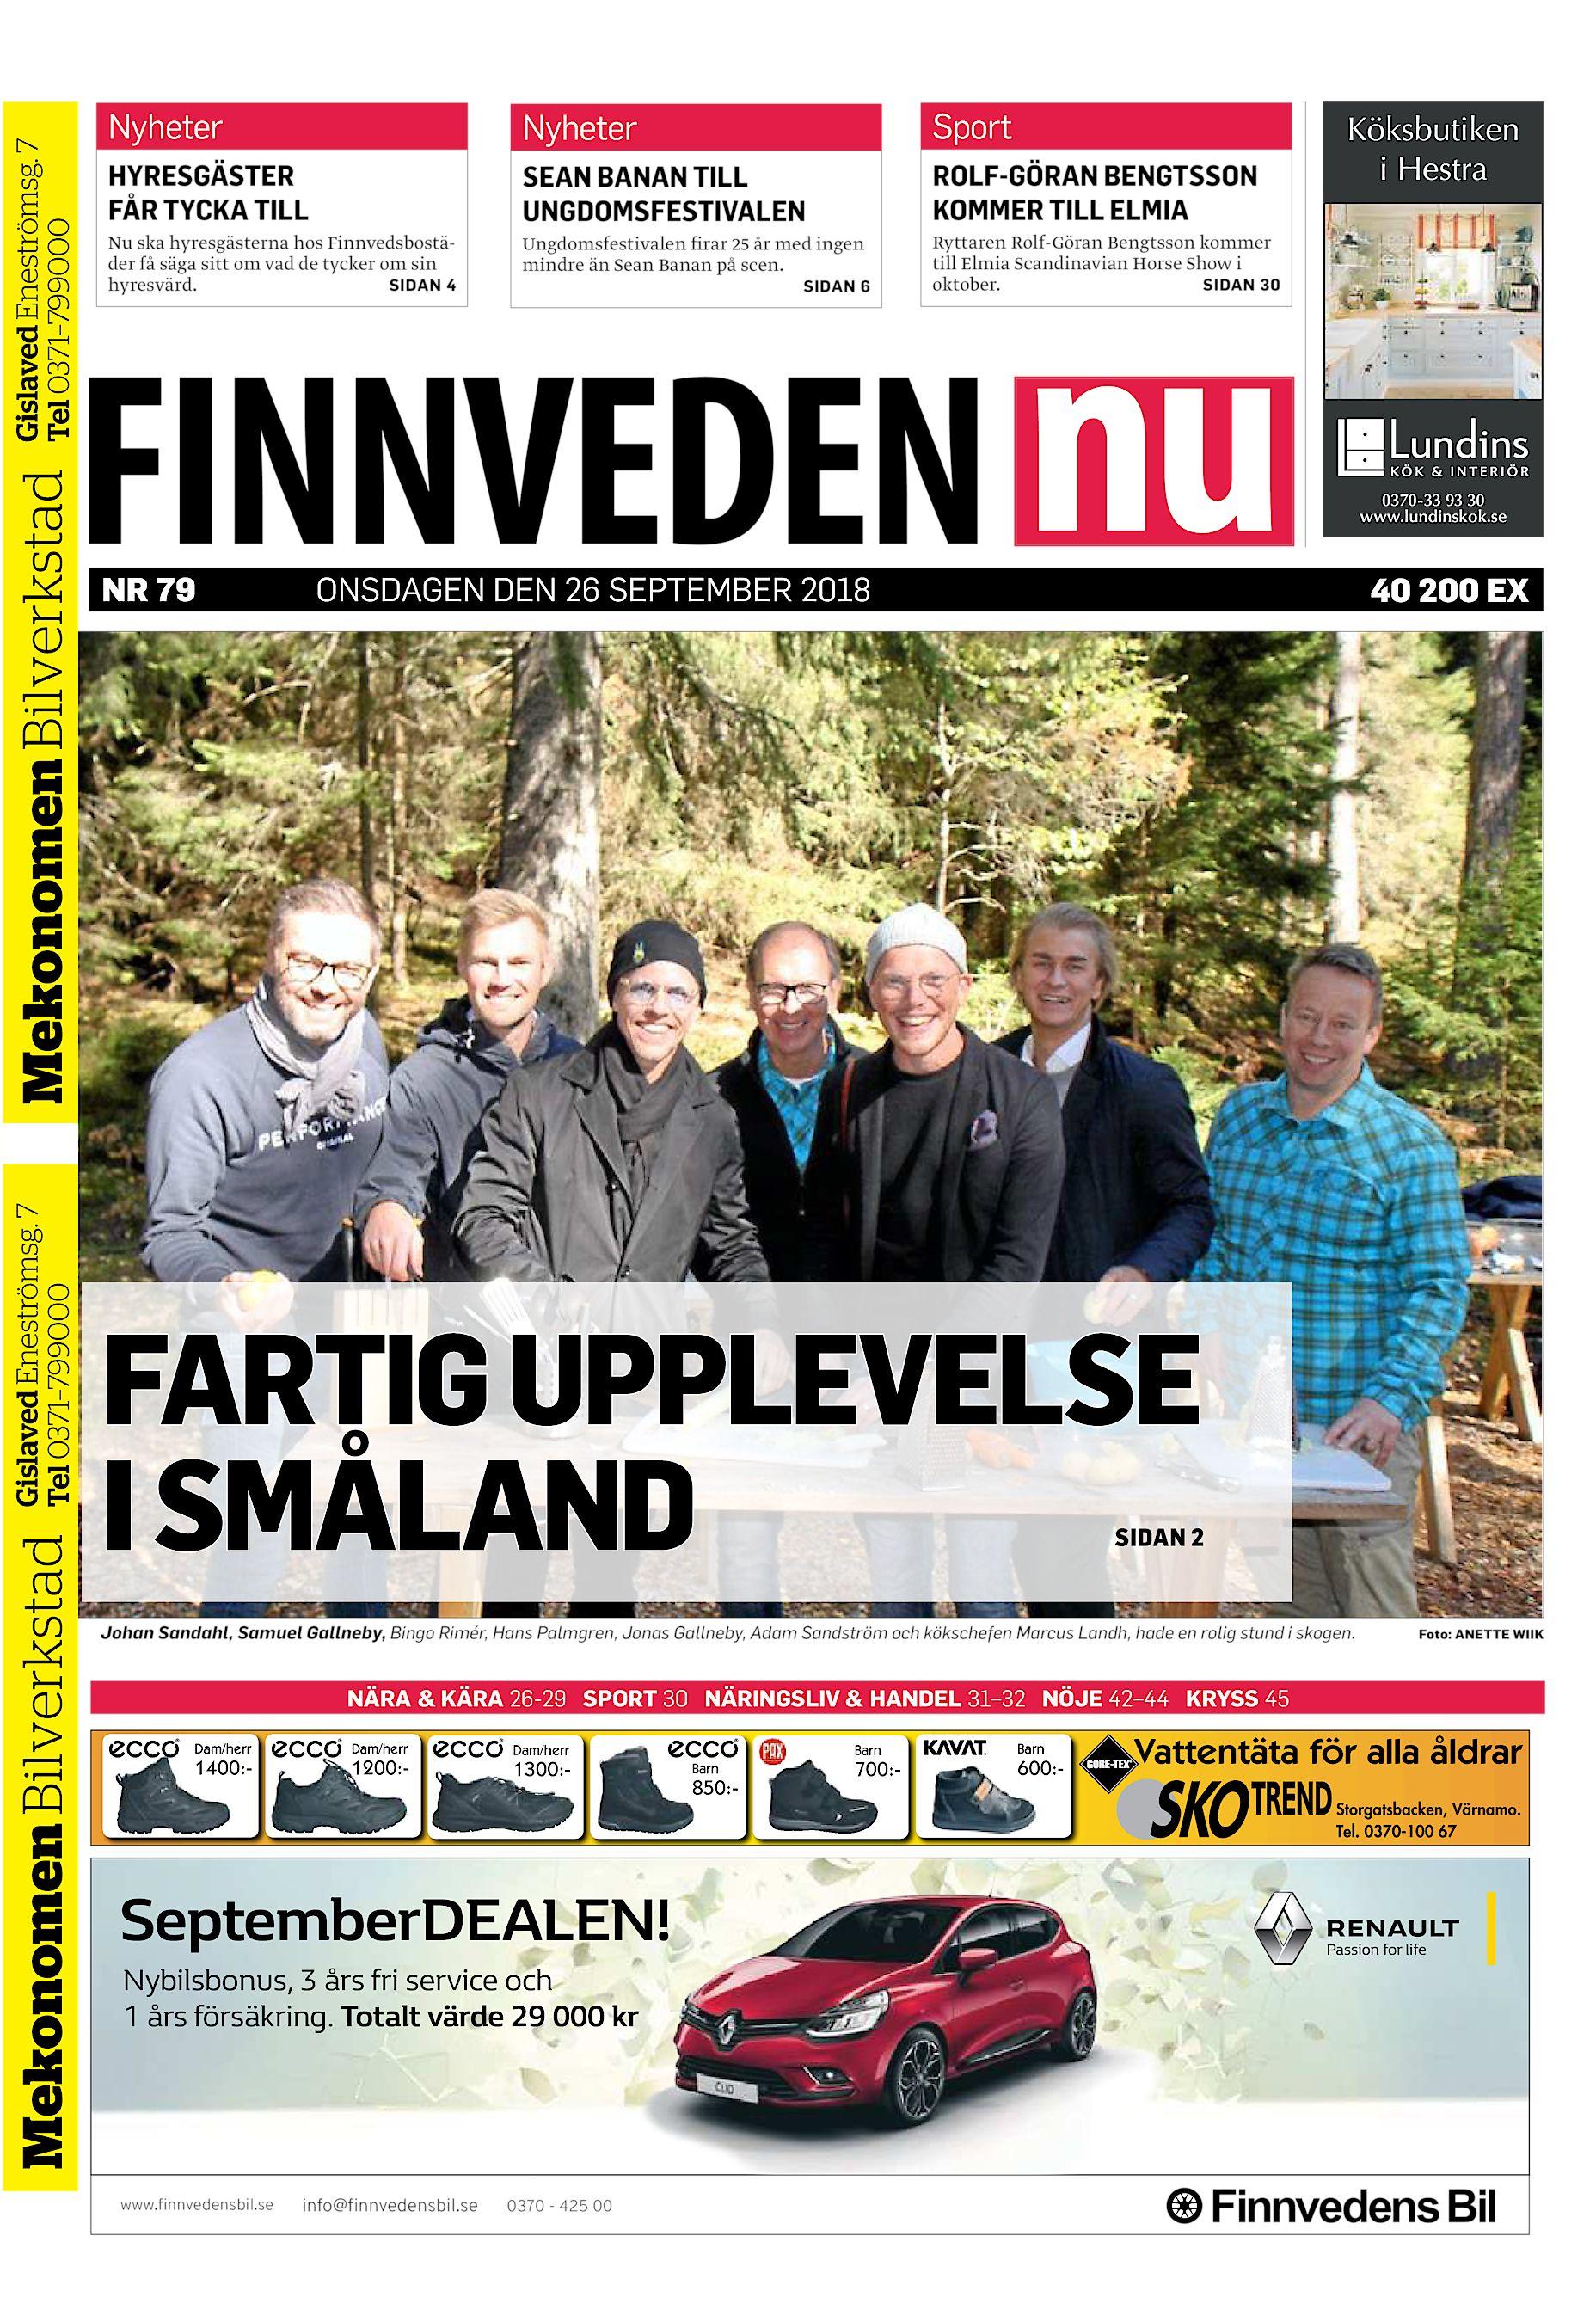 Finnveden.nu FNU 20180926 (endast text)